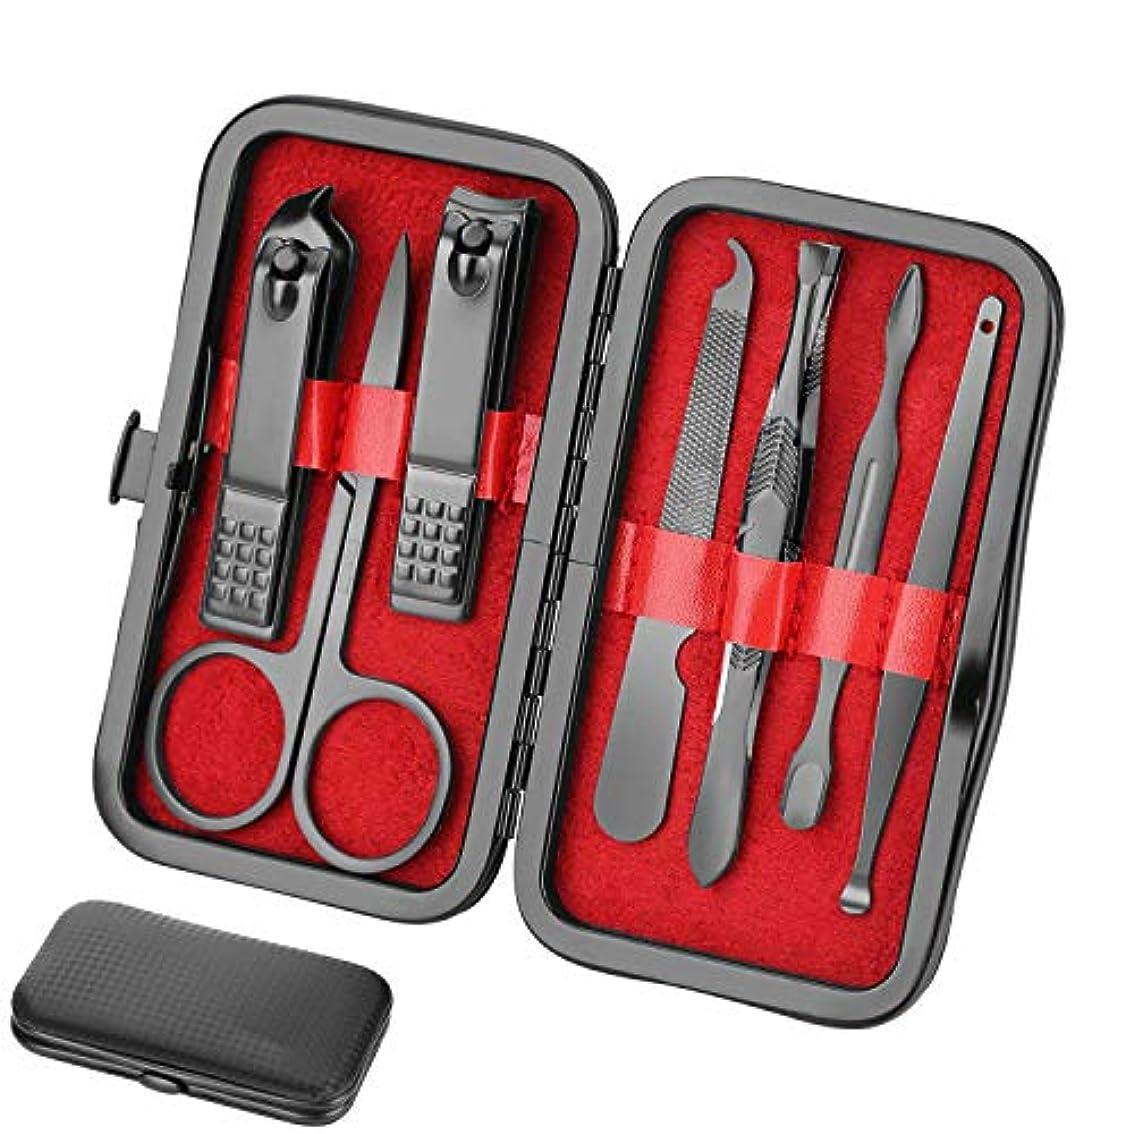 軽蔑エクステント命令[Hordlend]爪切り 爪切りセット 7点 ネイルケア 爪やすり つめきり 厚い爪/巻き爪 に最適 ステンレス製 専用収納ケース付きZJD-038